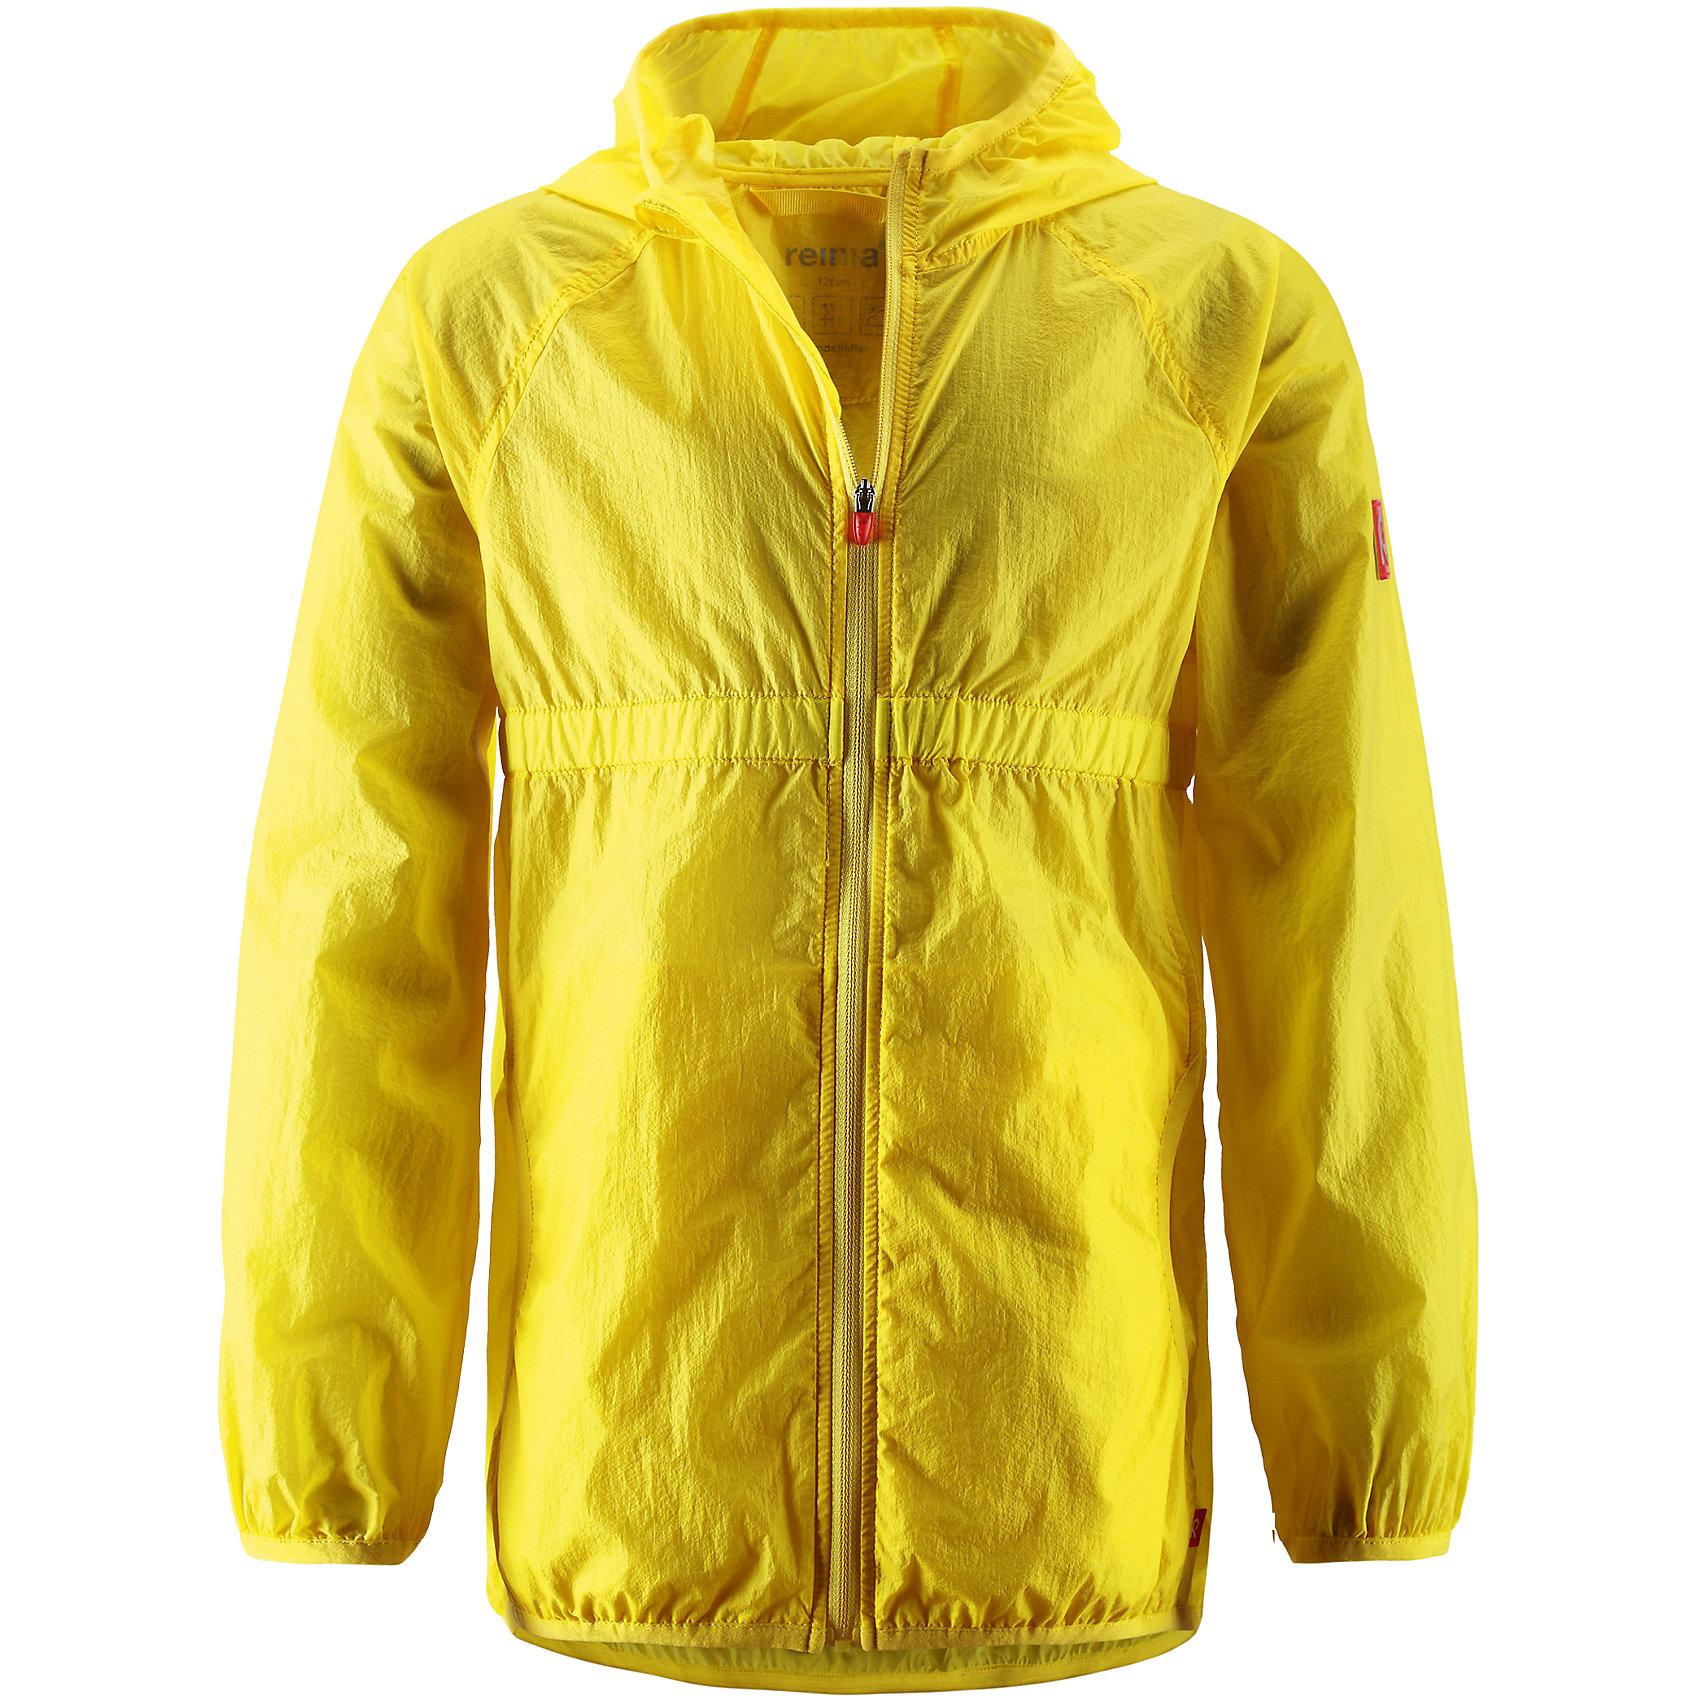 Пальто для девочки ReimaПальто для девочки Reima (Рейма), желтый от известного финского производителя  детской одежды Reima. Пальто-ветровка выполнена из полиамида, который обладает высокой износоустойчивостью, воздухопроницаемыми, водооталкивающими и грязеотталкивающими свойствами. Изделие устойчиво к изменению формы и цвета даже при длительном использовании. Пальто имеет классическую форму: прямой силуэт с завышенной талией, кант повторяется на рукавах и капюшоне, воротник-стойка, застежка-молния с защитой у подбородка и 2 боковых прорезных кармана, также имеются внутренние карманы. Изделие имеет полиуретановое покрытие, что делает его непромокаемым даже в дождливую погоду. Ветровка идеально подходит для весенних и осенних прогулок.<br><br>Дополнительная информация:<br><br>- Предназначение: повседневная одежда для прогулок и активного отдыха<br>- Цвет: желтый<br>- Пол: для девочки<br>- Состав: 100% полиамид, полиуретановое покрытие<br>- Сезон: весна-осень (демисезонная)<br>- Особенности ухода: стирать изделие, предварительно вывернув его на левую сторону, не использовать отбеливающие вещества<br><br>Подробнее:<br><br>• Для детей в возрасте: от 6 лет и до 7 лет<br>• Страна производитель: Китай<br>• Торговый бренд: Reima, Финляндия<br><br>Пальто для девочки Reima (Рейма), желтый можно купить в нашем интернет-магазине.<br><br>Ширина мм: 356<br>Глубина мм: 10<br>Высота мм: 245<br>Вес г: 519<br>Цвет: желтый<br>Возраст от месяцев: 72<br>Возраст до месяцев: 84<br>Пол: Женский<br>Возраст: Детский<br>Размер: 122,134,140,128,116,110<br>SKU: 4653969